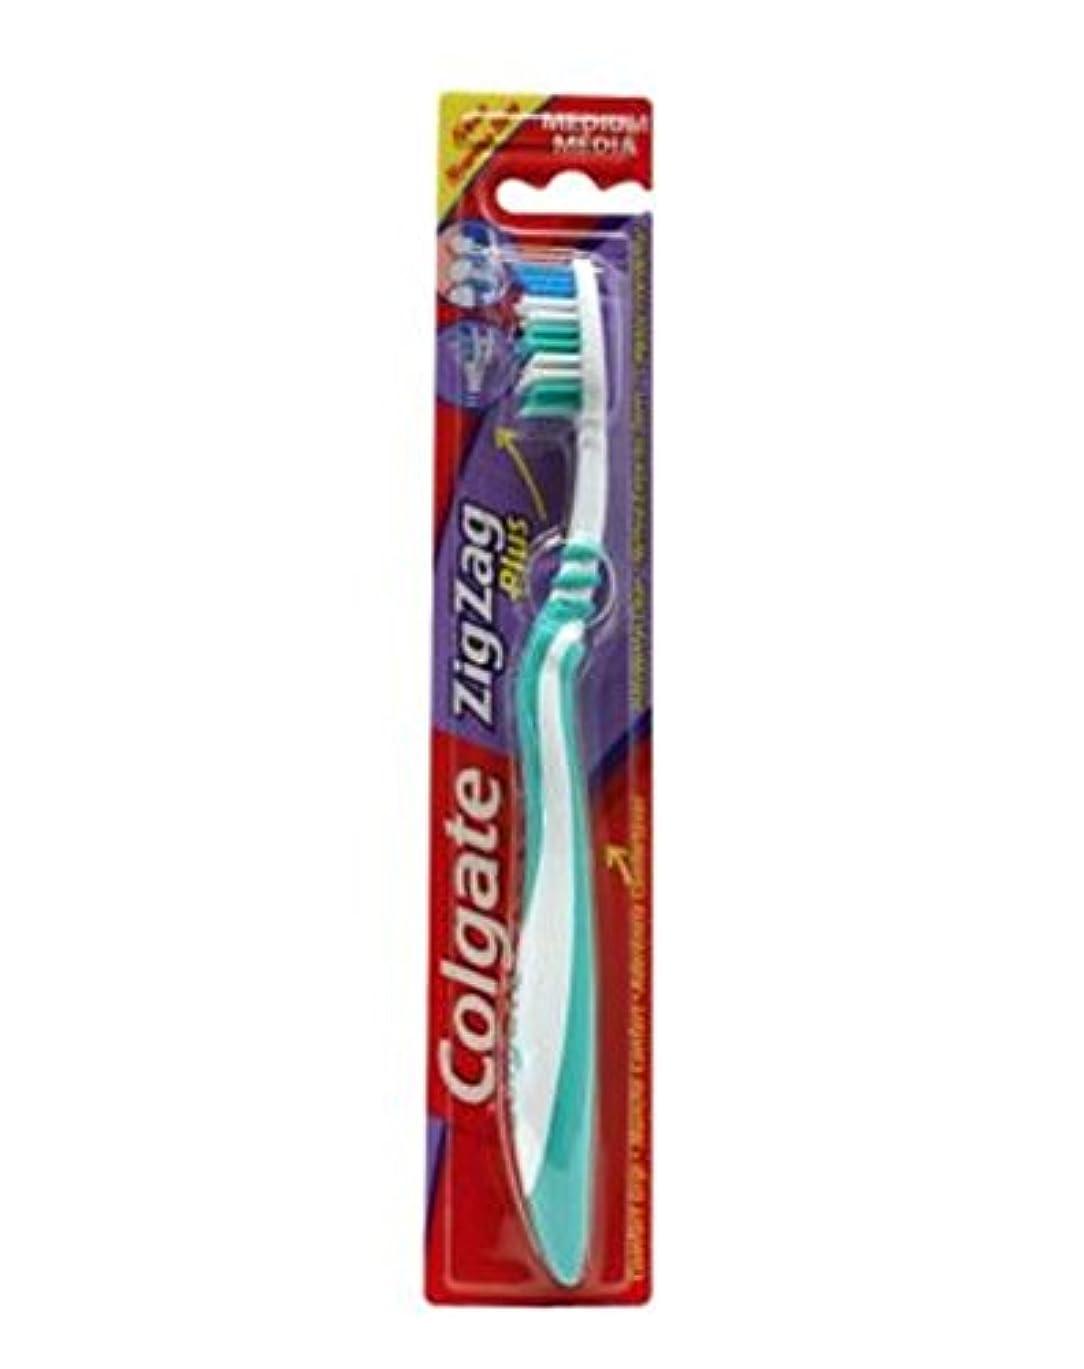 間に渡ってめんどりColgate Zig Zag Plus Toothbrush Medium - コルゲートジグザグプラス歯ブラシ媒体 (Colgate) [並行輸入品]